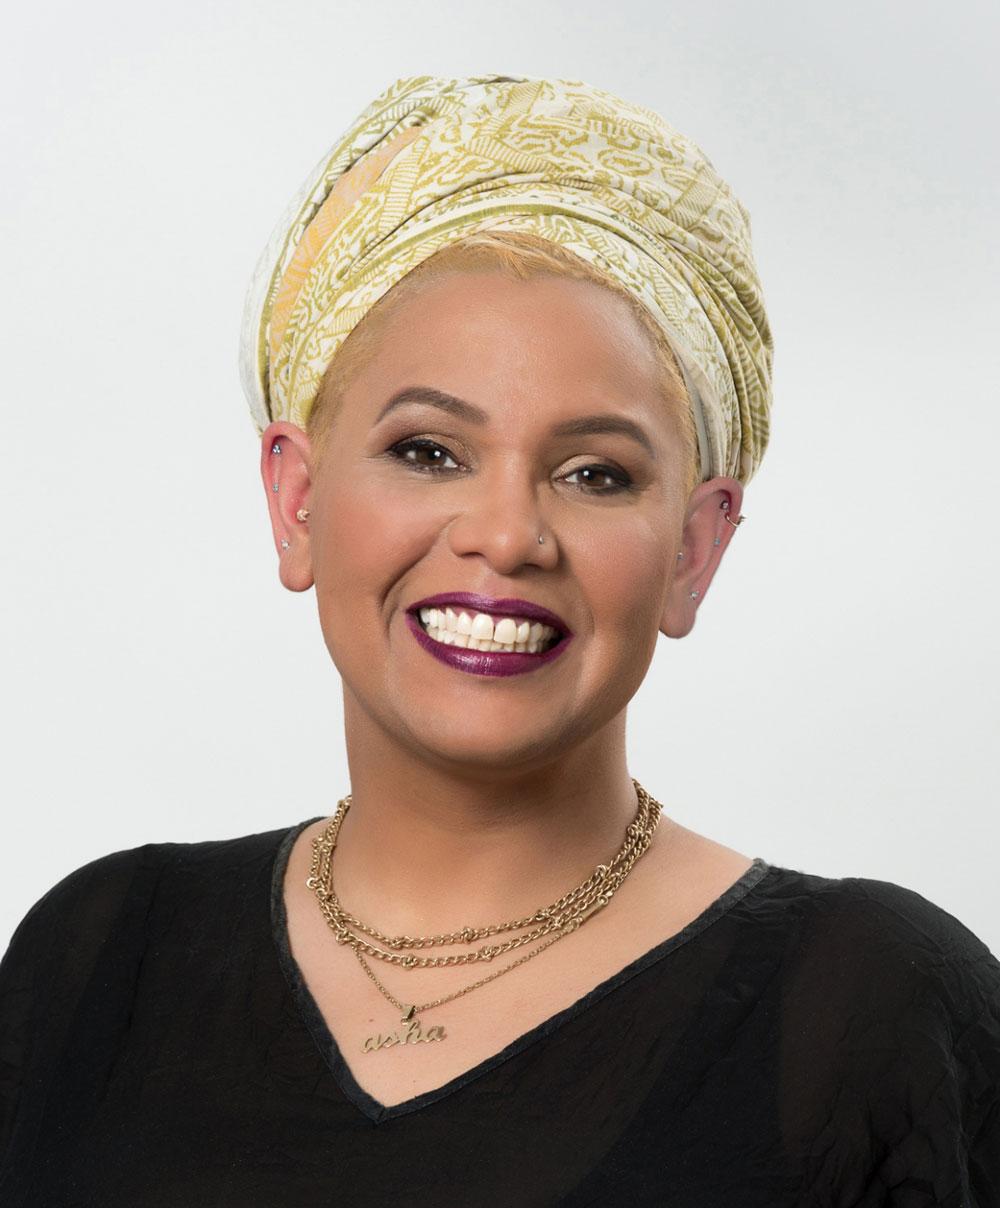 asha bendele, author